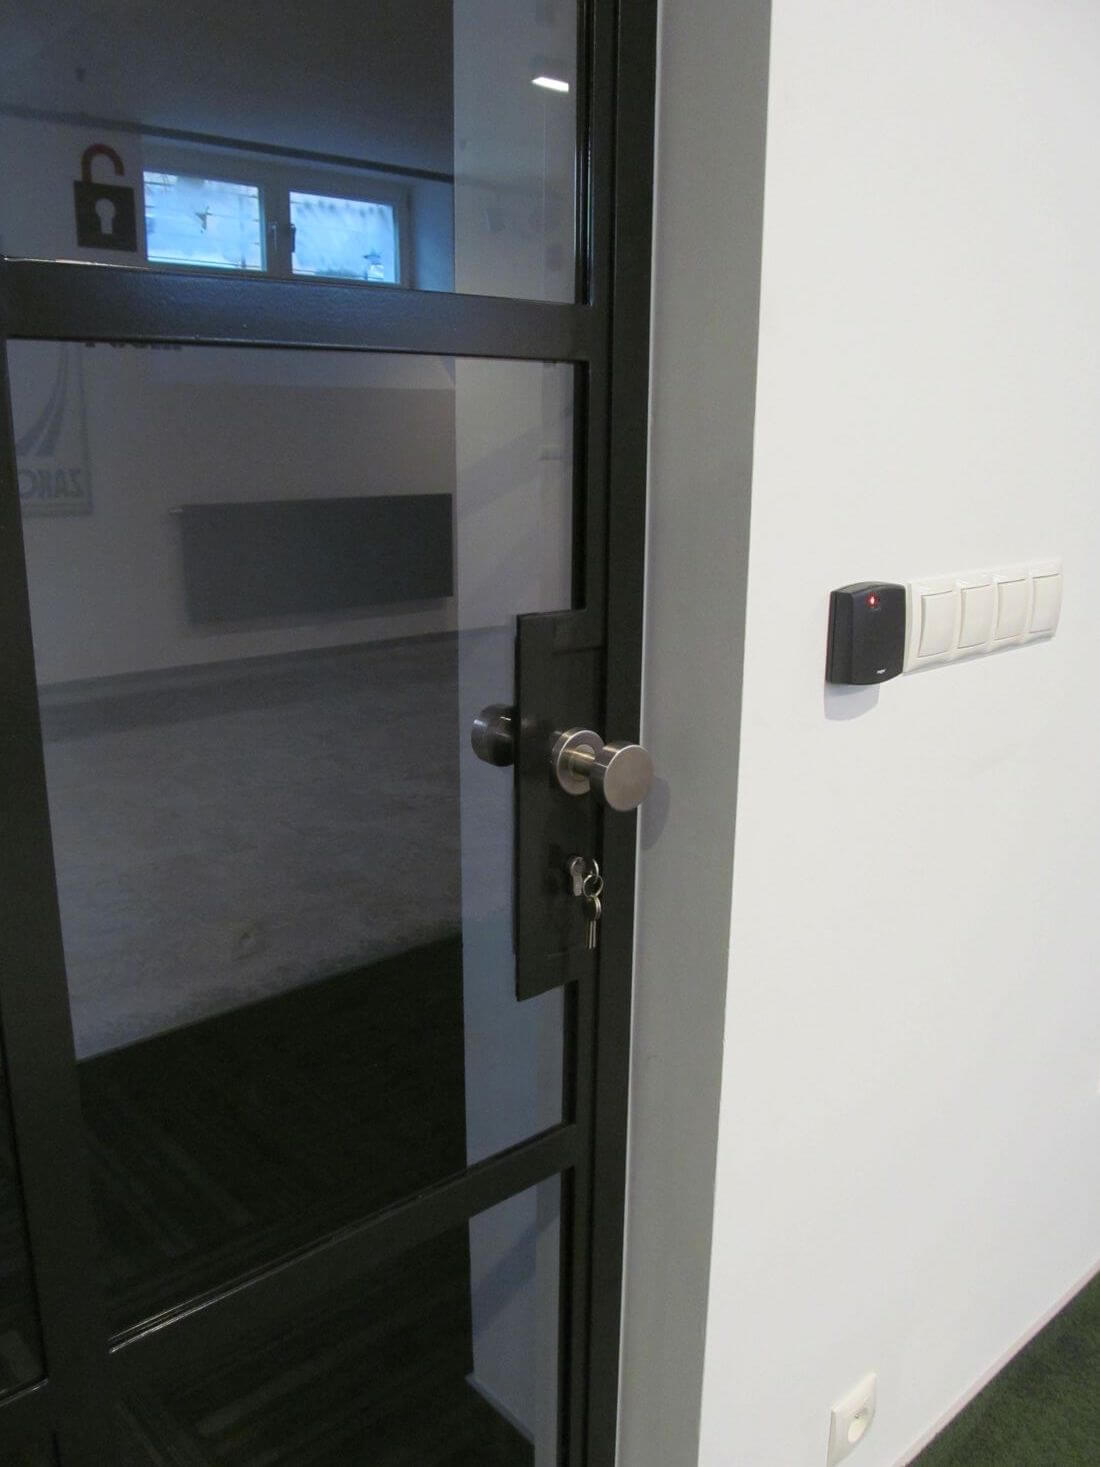 Drzwi Loftowe Zamykane z okrągłą klamką w biurze EIP Group ze szkła wzmacnianego 33.1 z folią zabezpieczającą